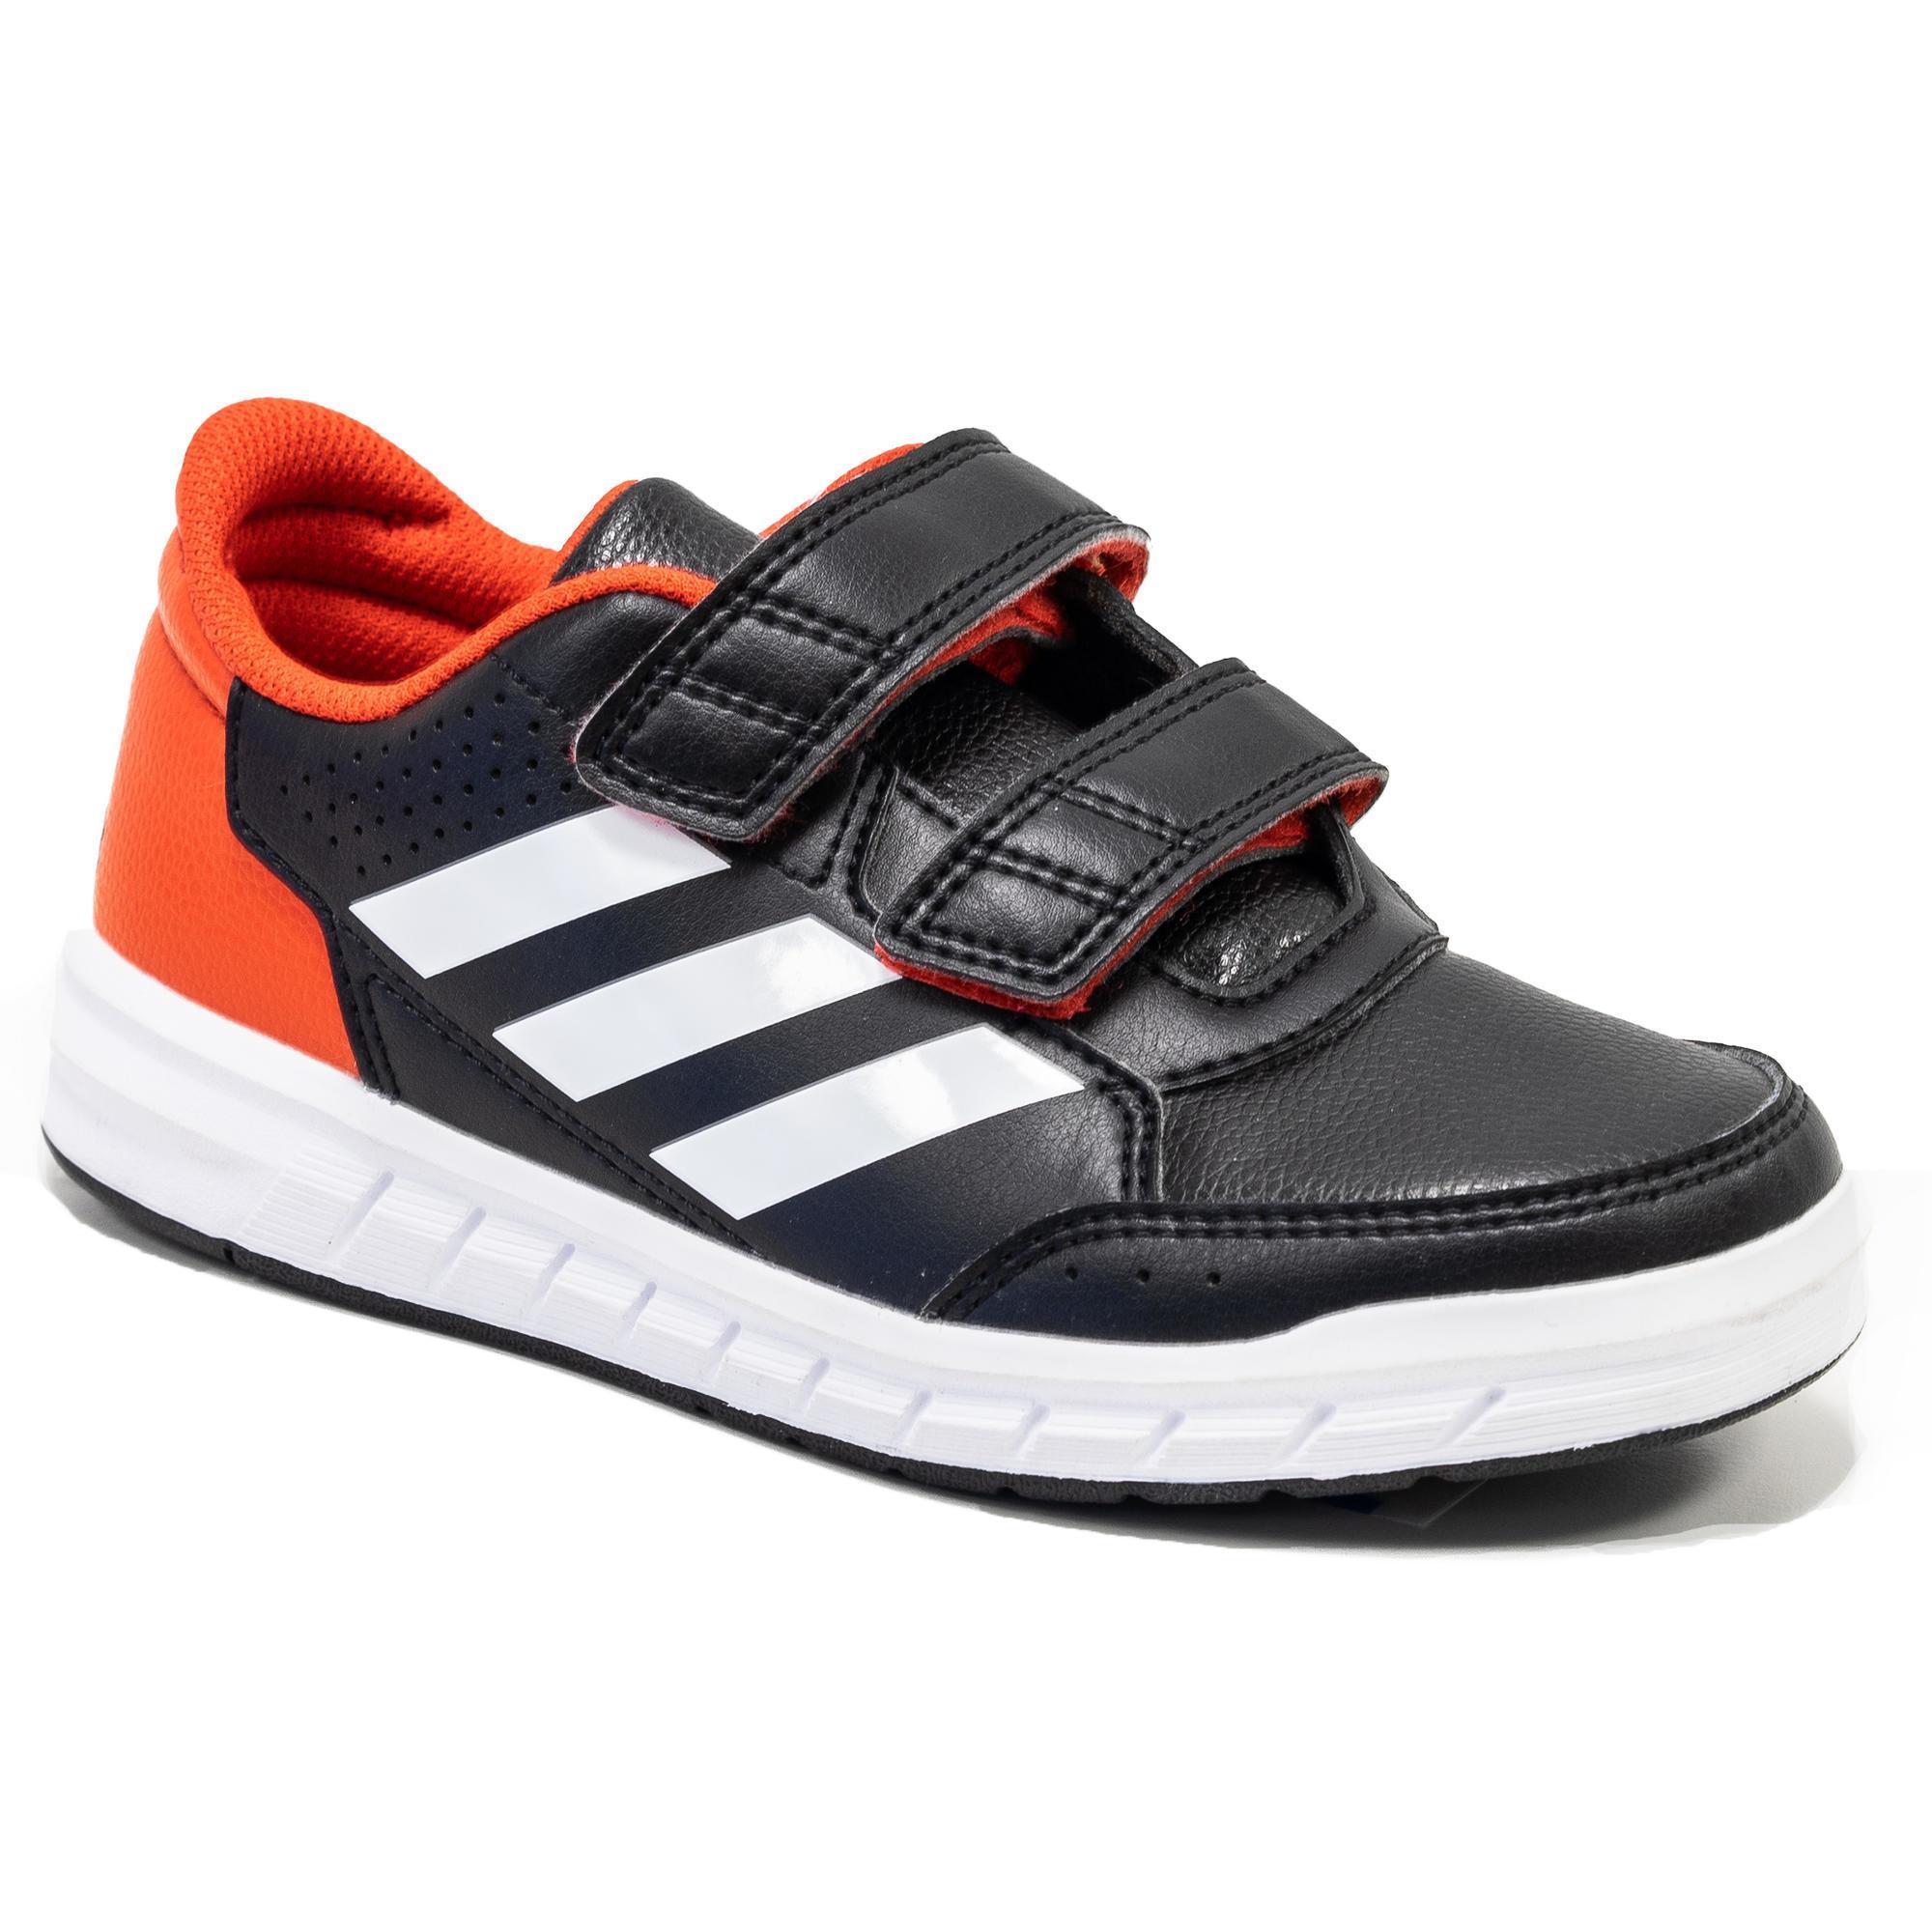 460c031b86e Comprar Zapatillas Escolares para Niños Online